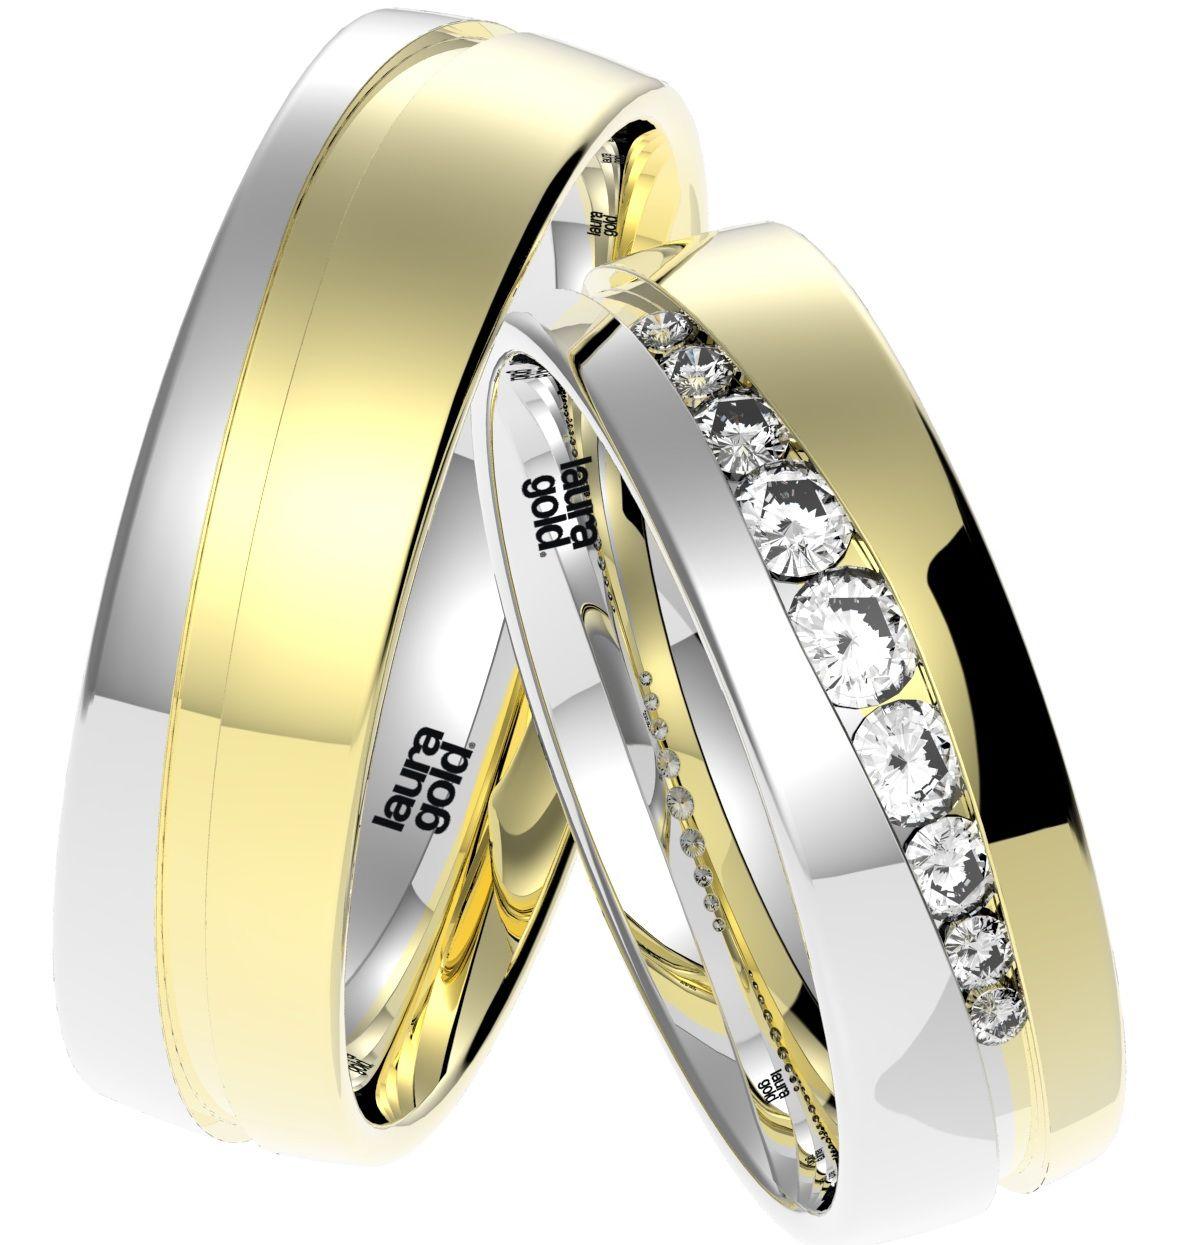 svadobné obrºÄky 577 4 rings Pinterest